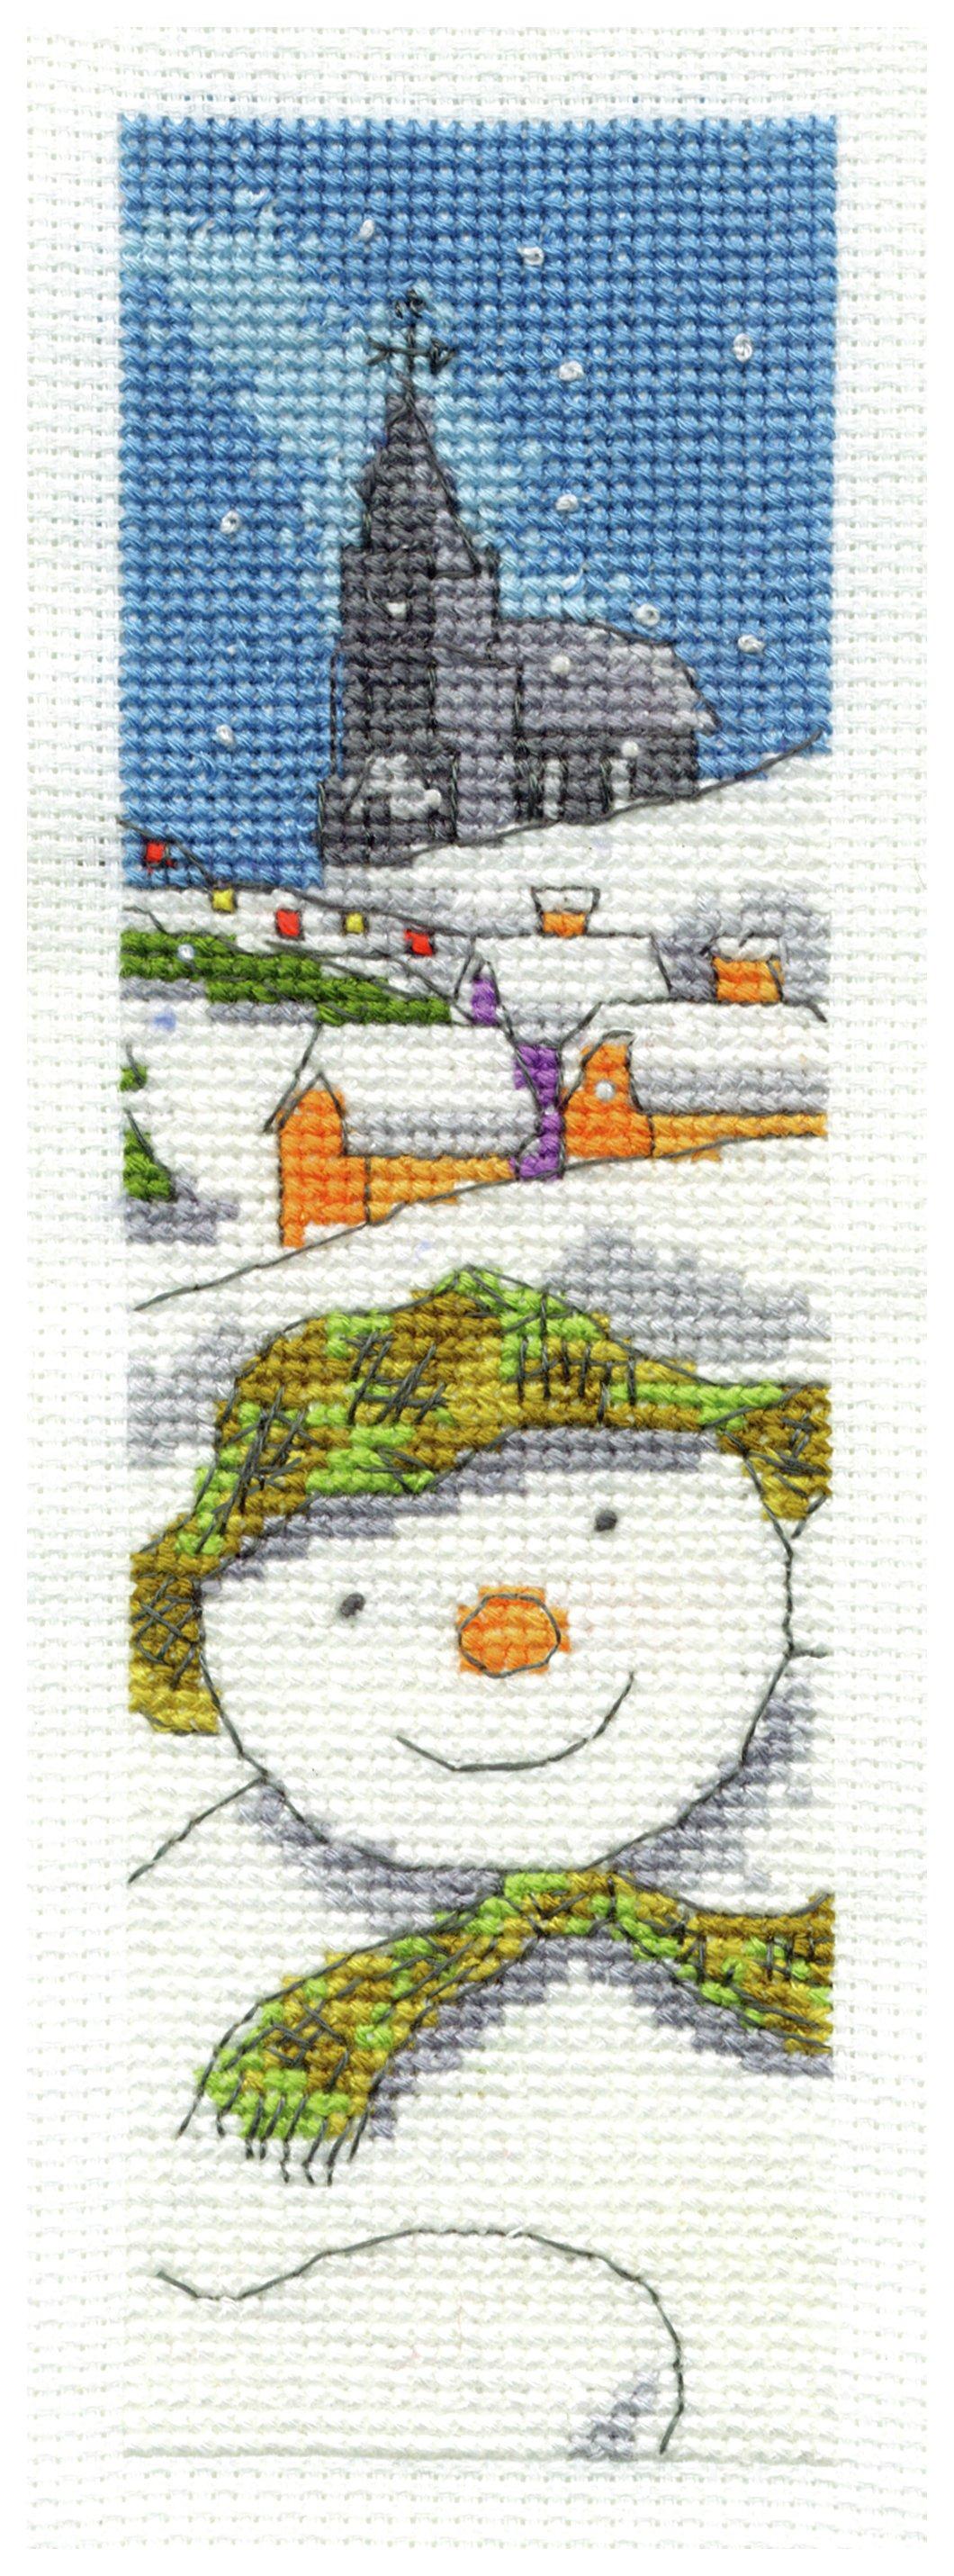 the-snowman-bookmark-cross-stitch-kit